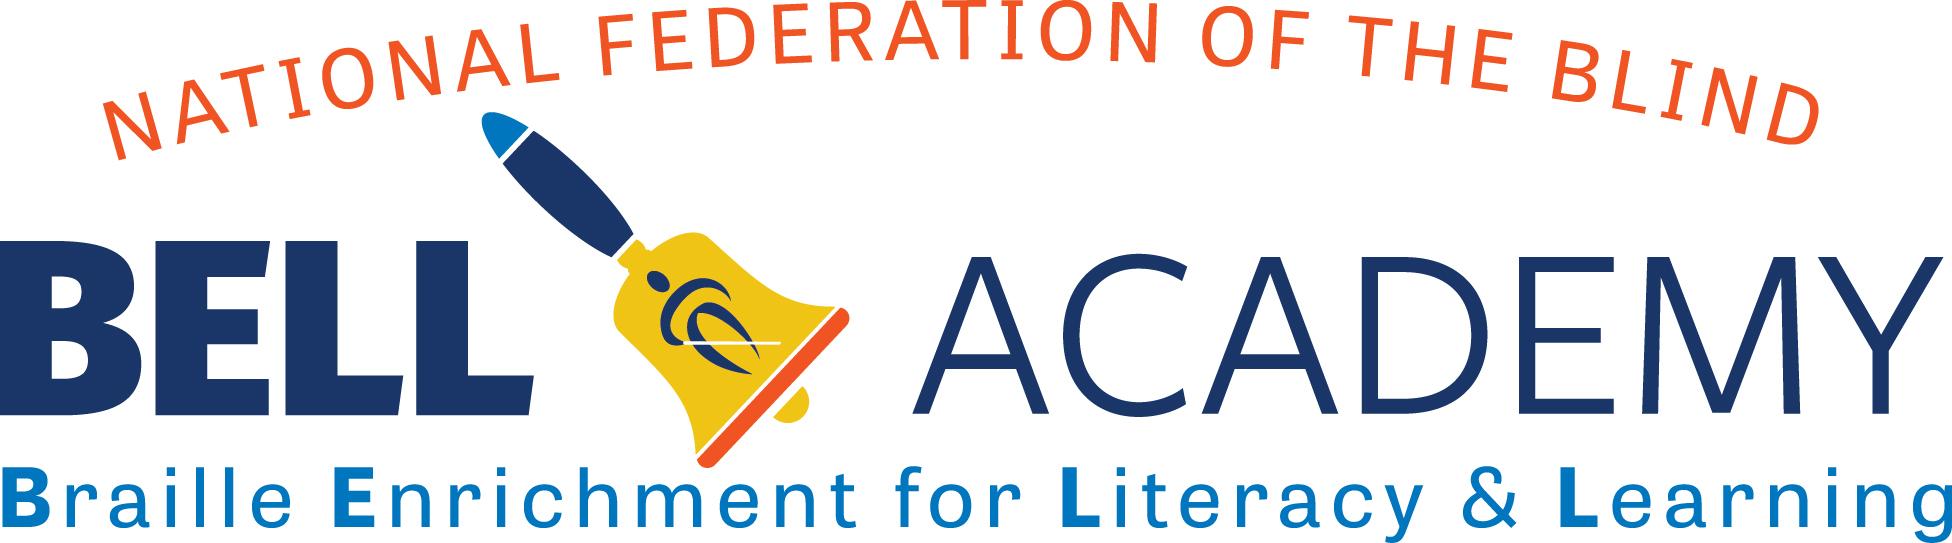 NFB BELL Academy logo